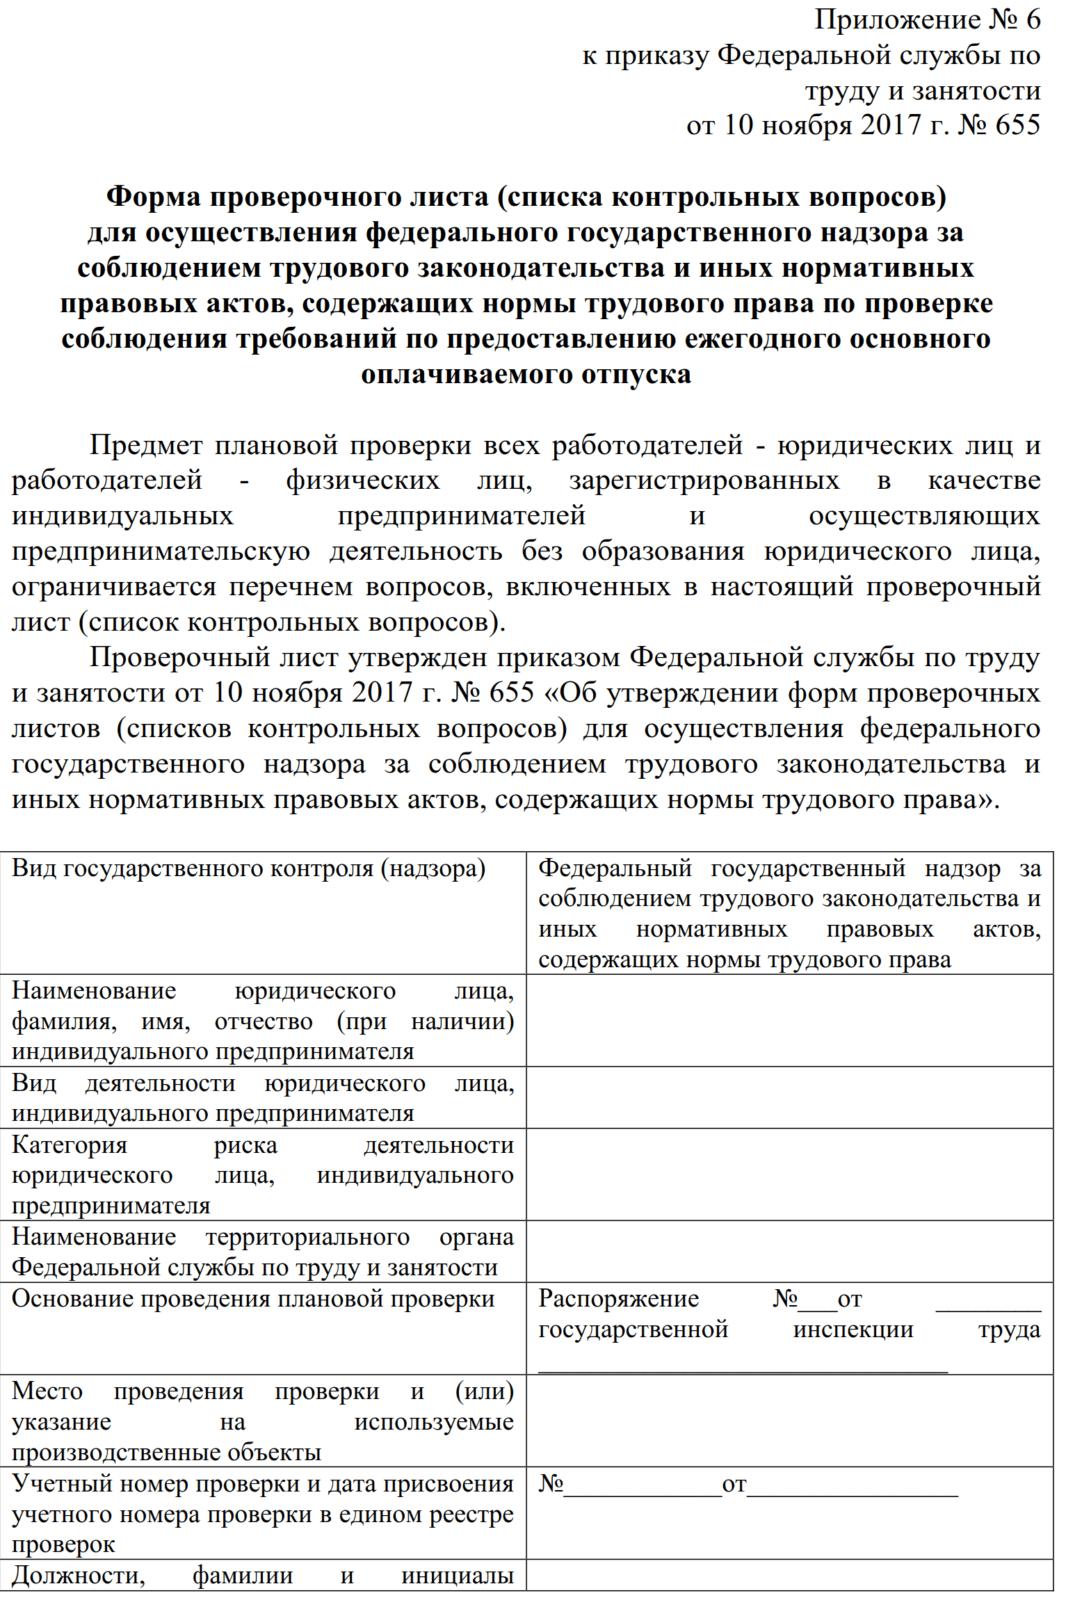 Проверочный лист ГИТ, образец № 6